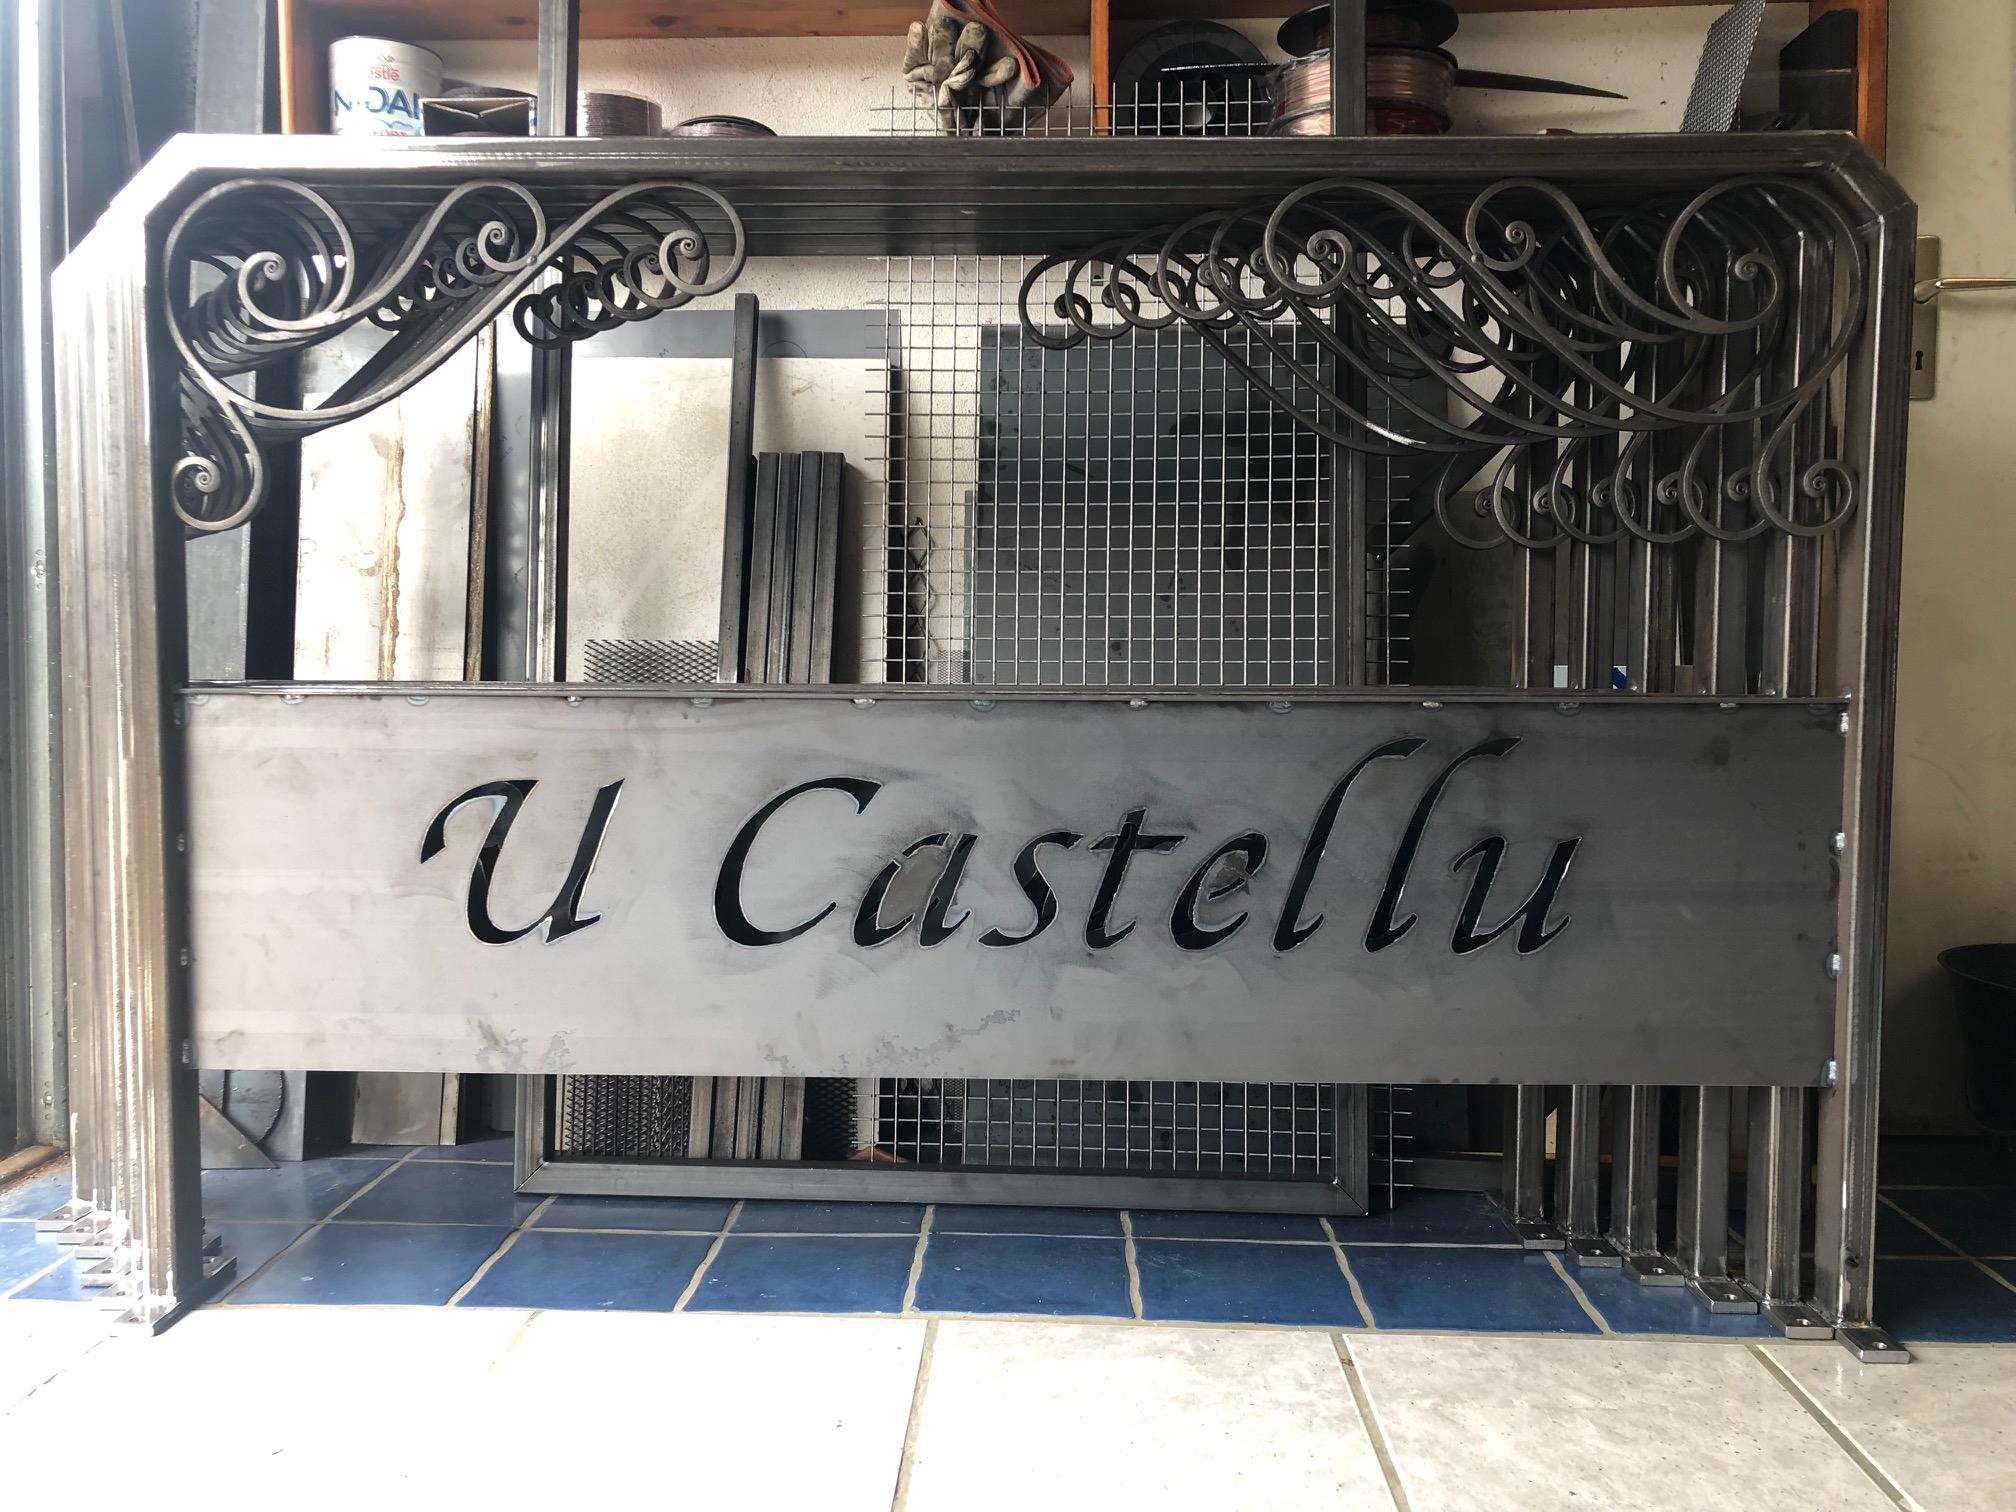 Création et montage complet par notre client d'une série de panneaux enseigne avec décors volutes de notre gamme de pièces détachées - Localisation Corse